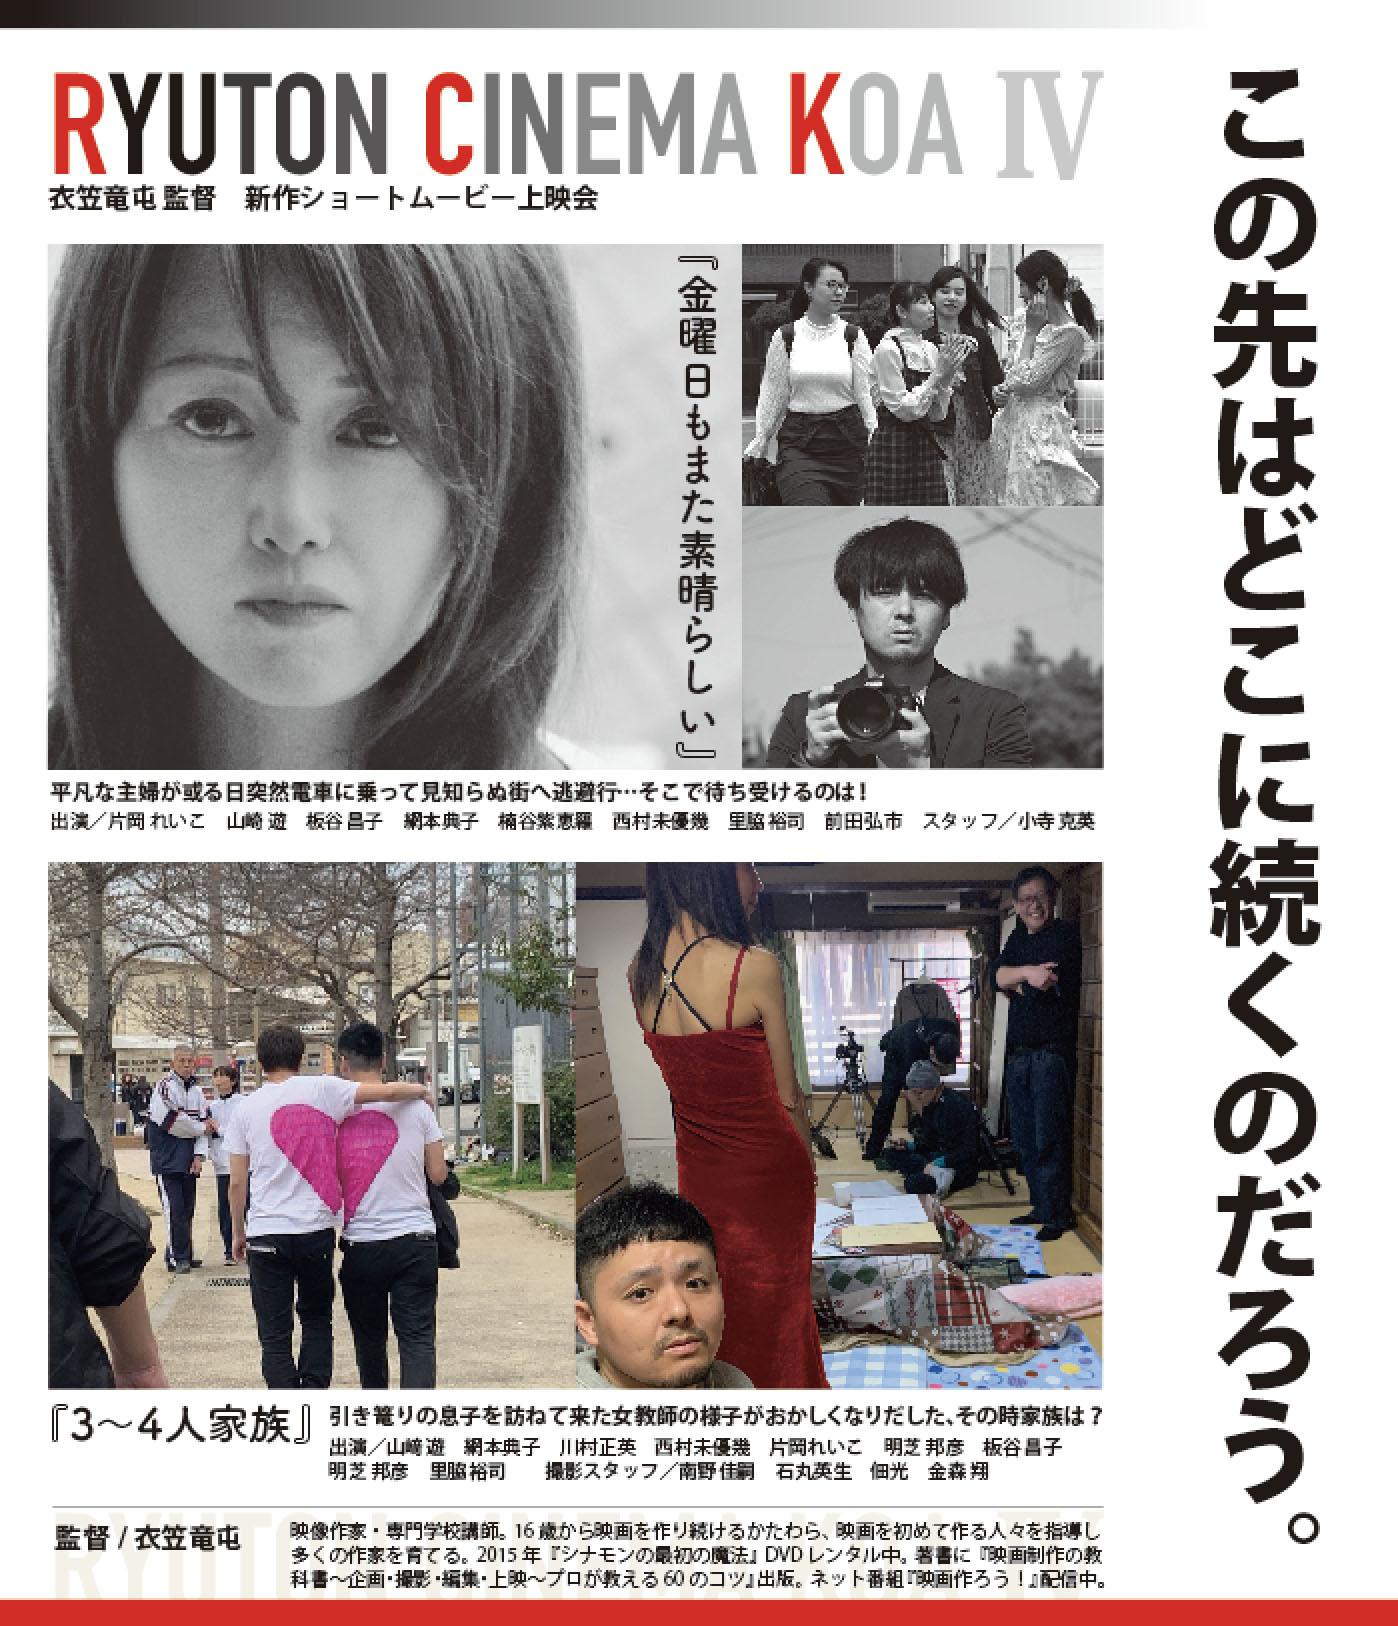 映画『人形の家』いよいよ公開!『映画制作の教科書』出版記念オムニバス+『RYUTON CINEMA KOA』_b0182223_20145128.jpg